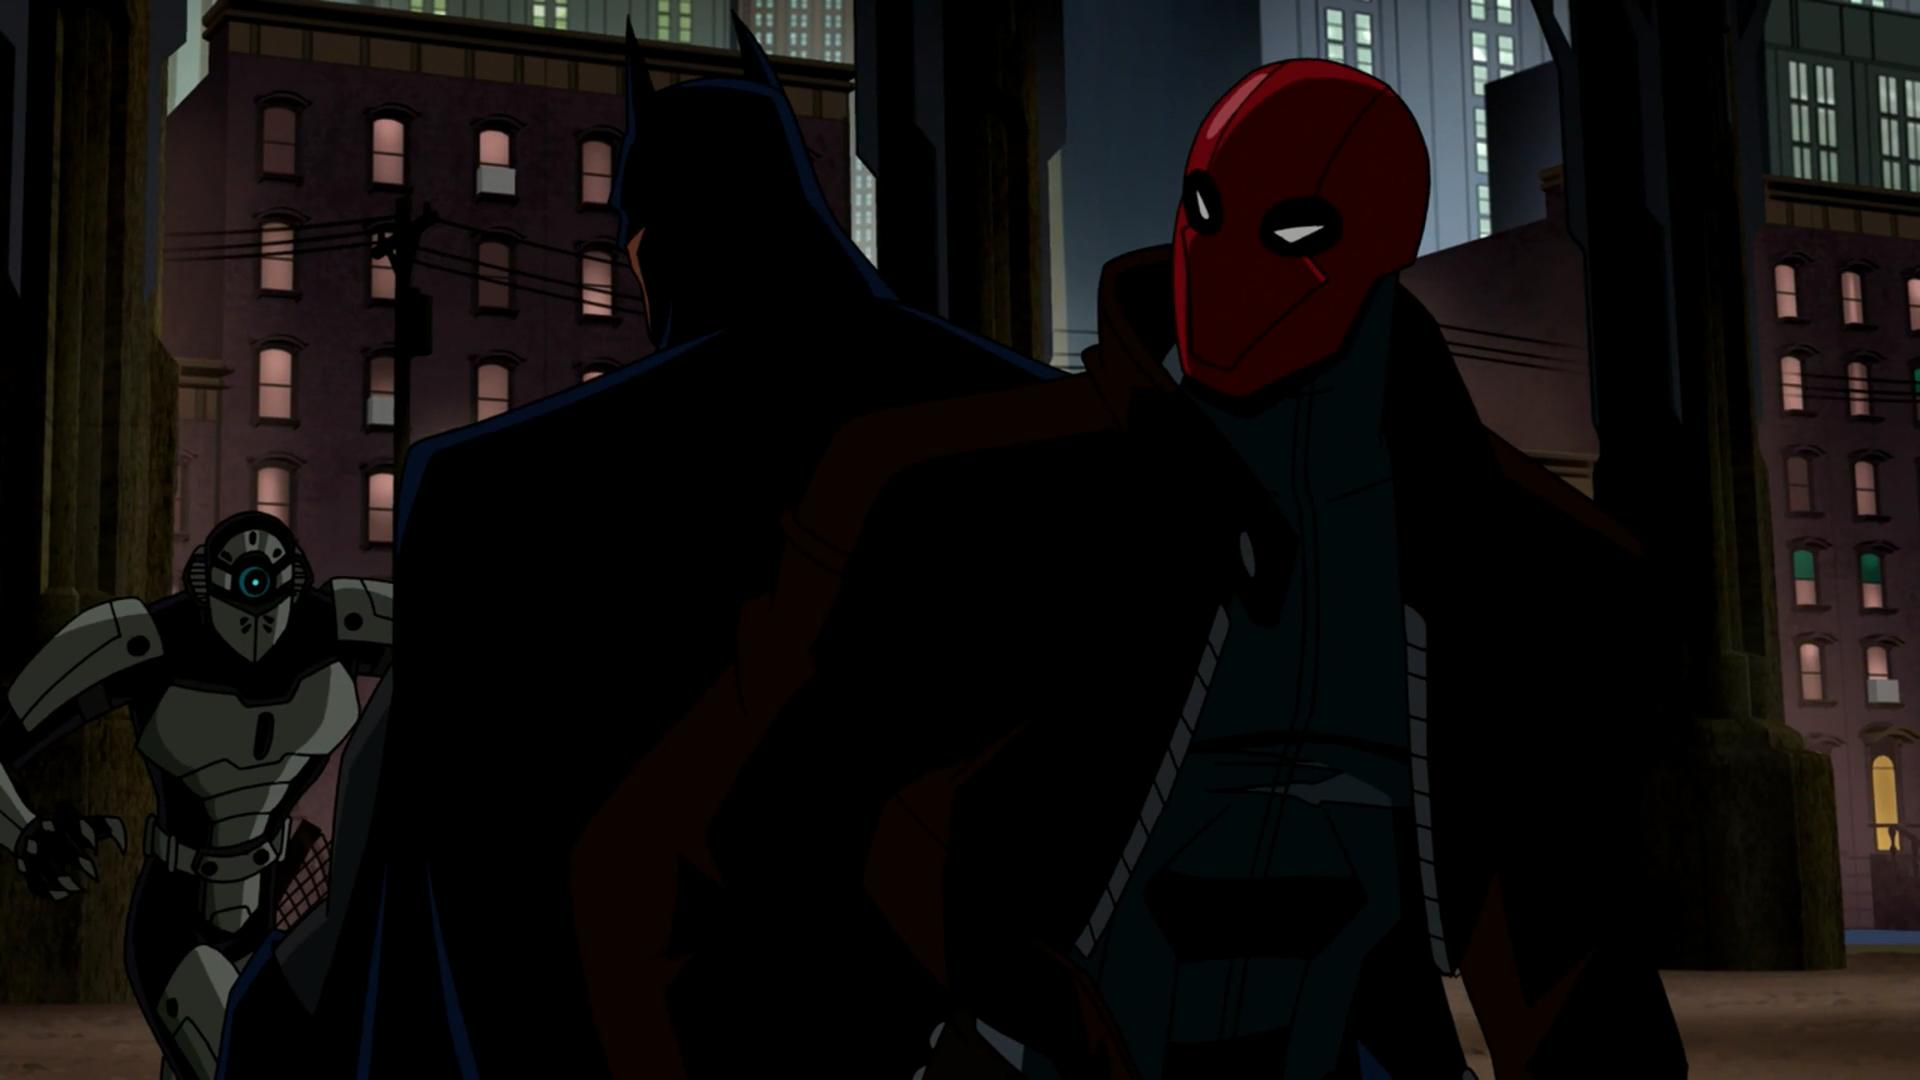 Вместо Suicide Squad. Анимация вселенной DC - Изображение 9